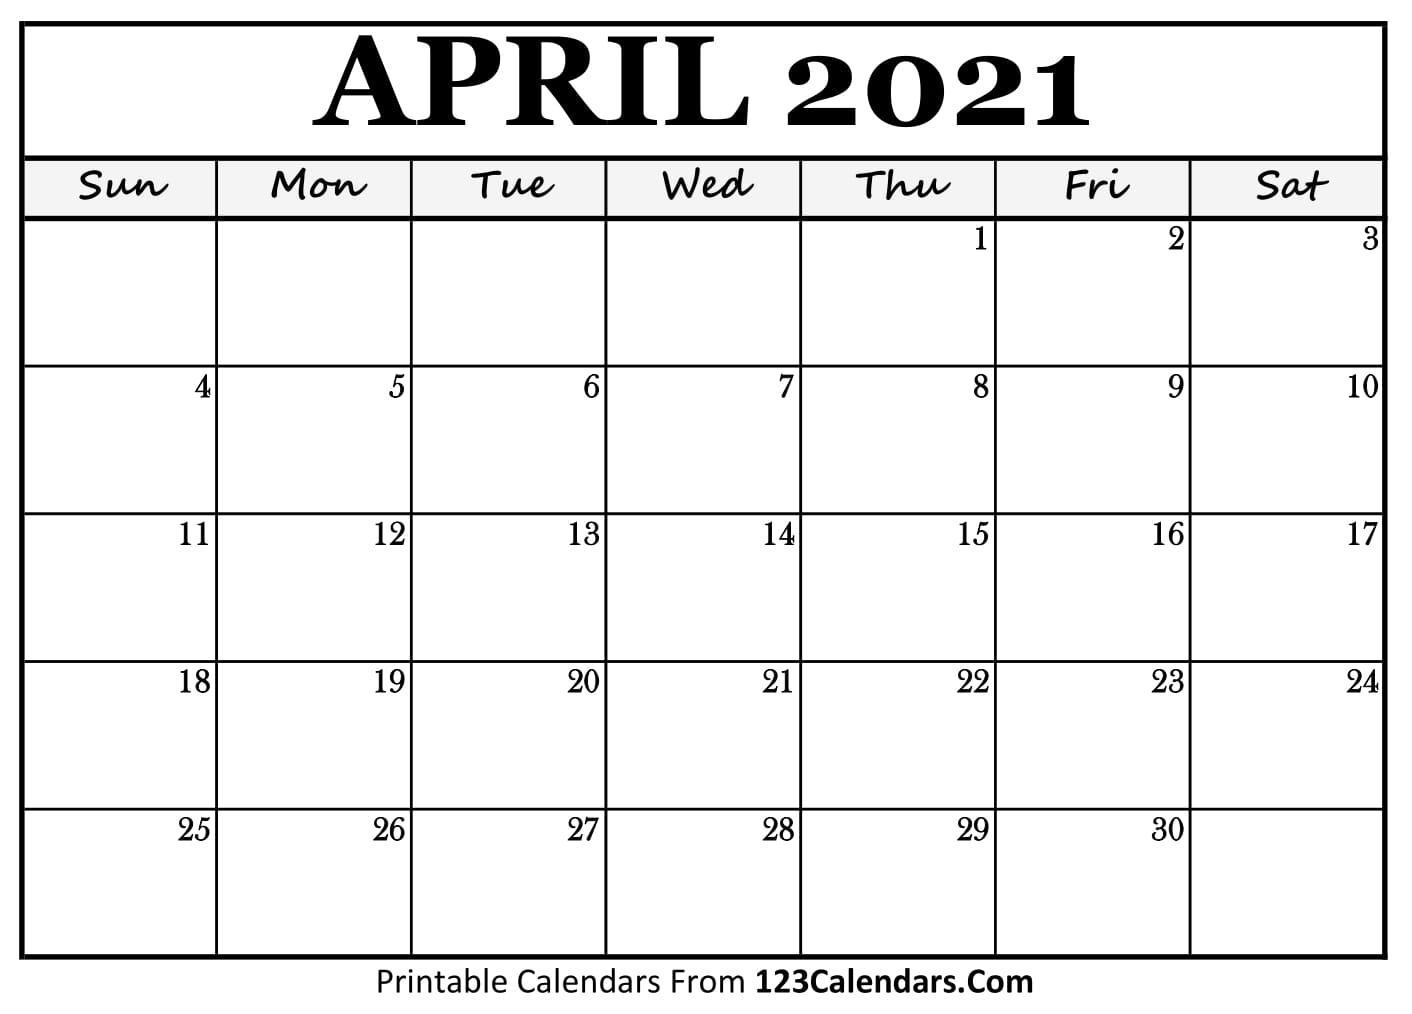 Printable April 2021 Calendar Templates | 123Calendars.com